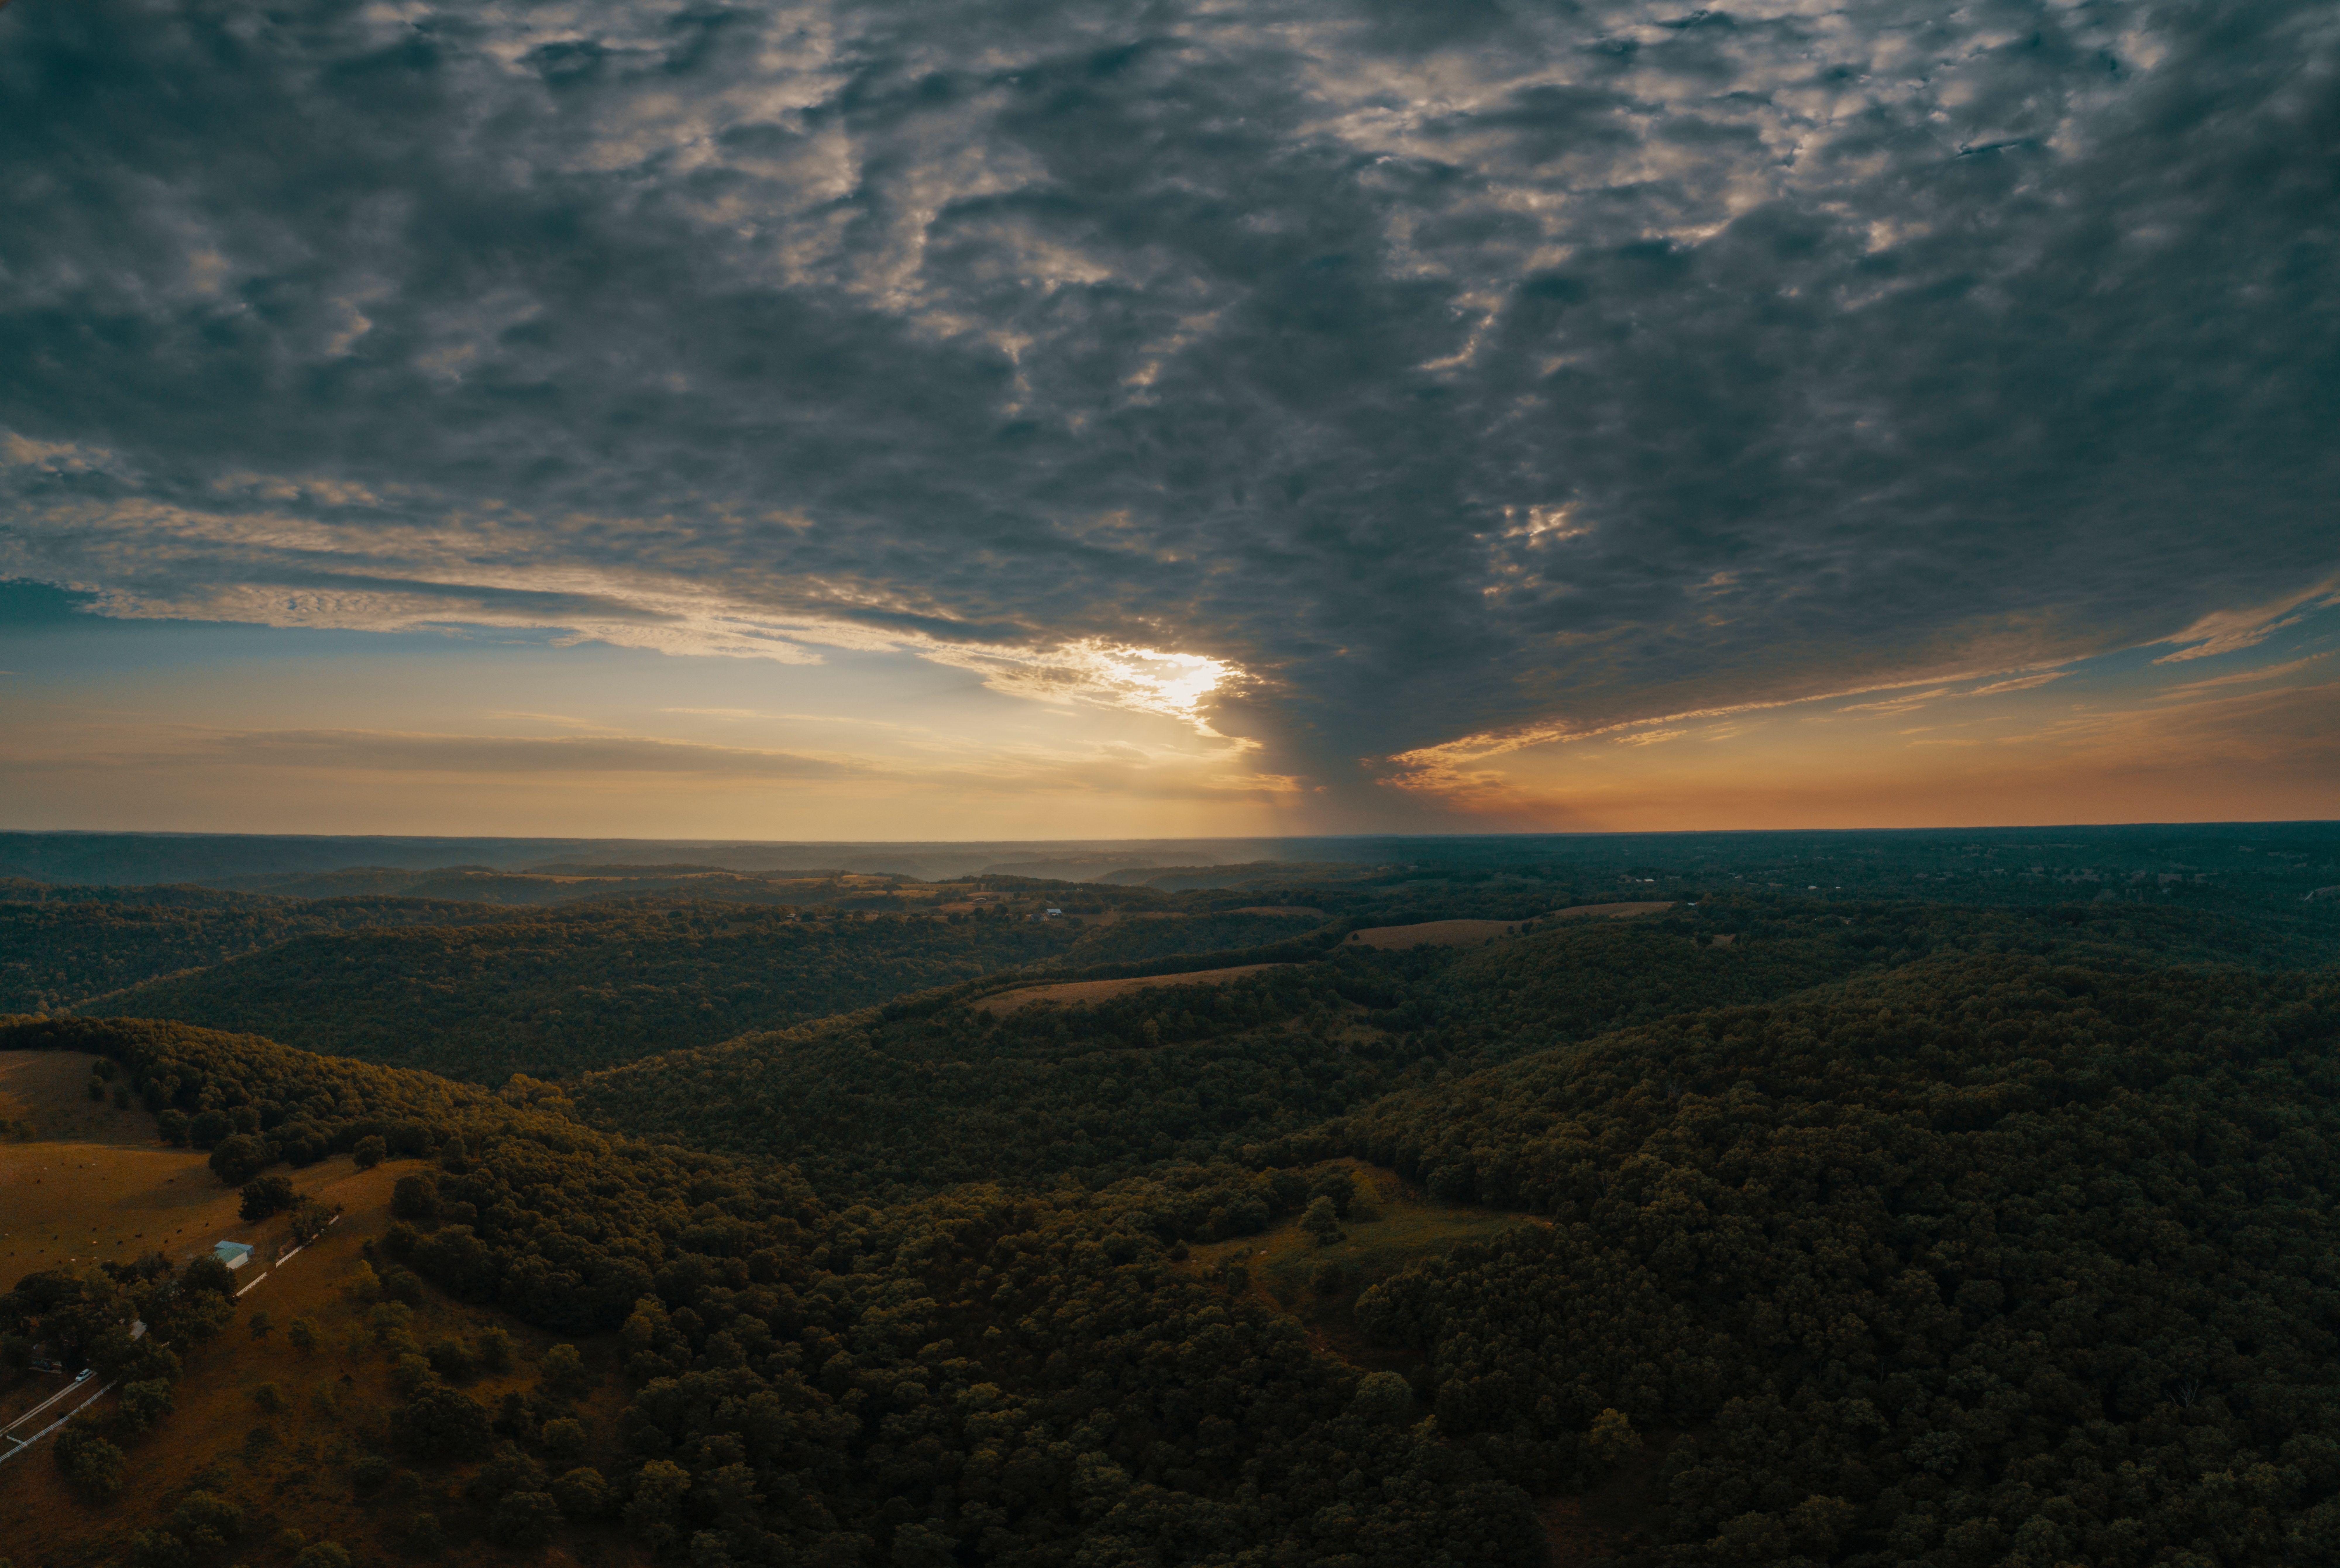 Aerial View Of Mountains By Josh Sorenson Maintenant Disponible Sur Wphotographie Com Tableaux De Photographies Amate Coucher De Soleil Photographie Instagram